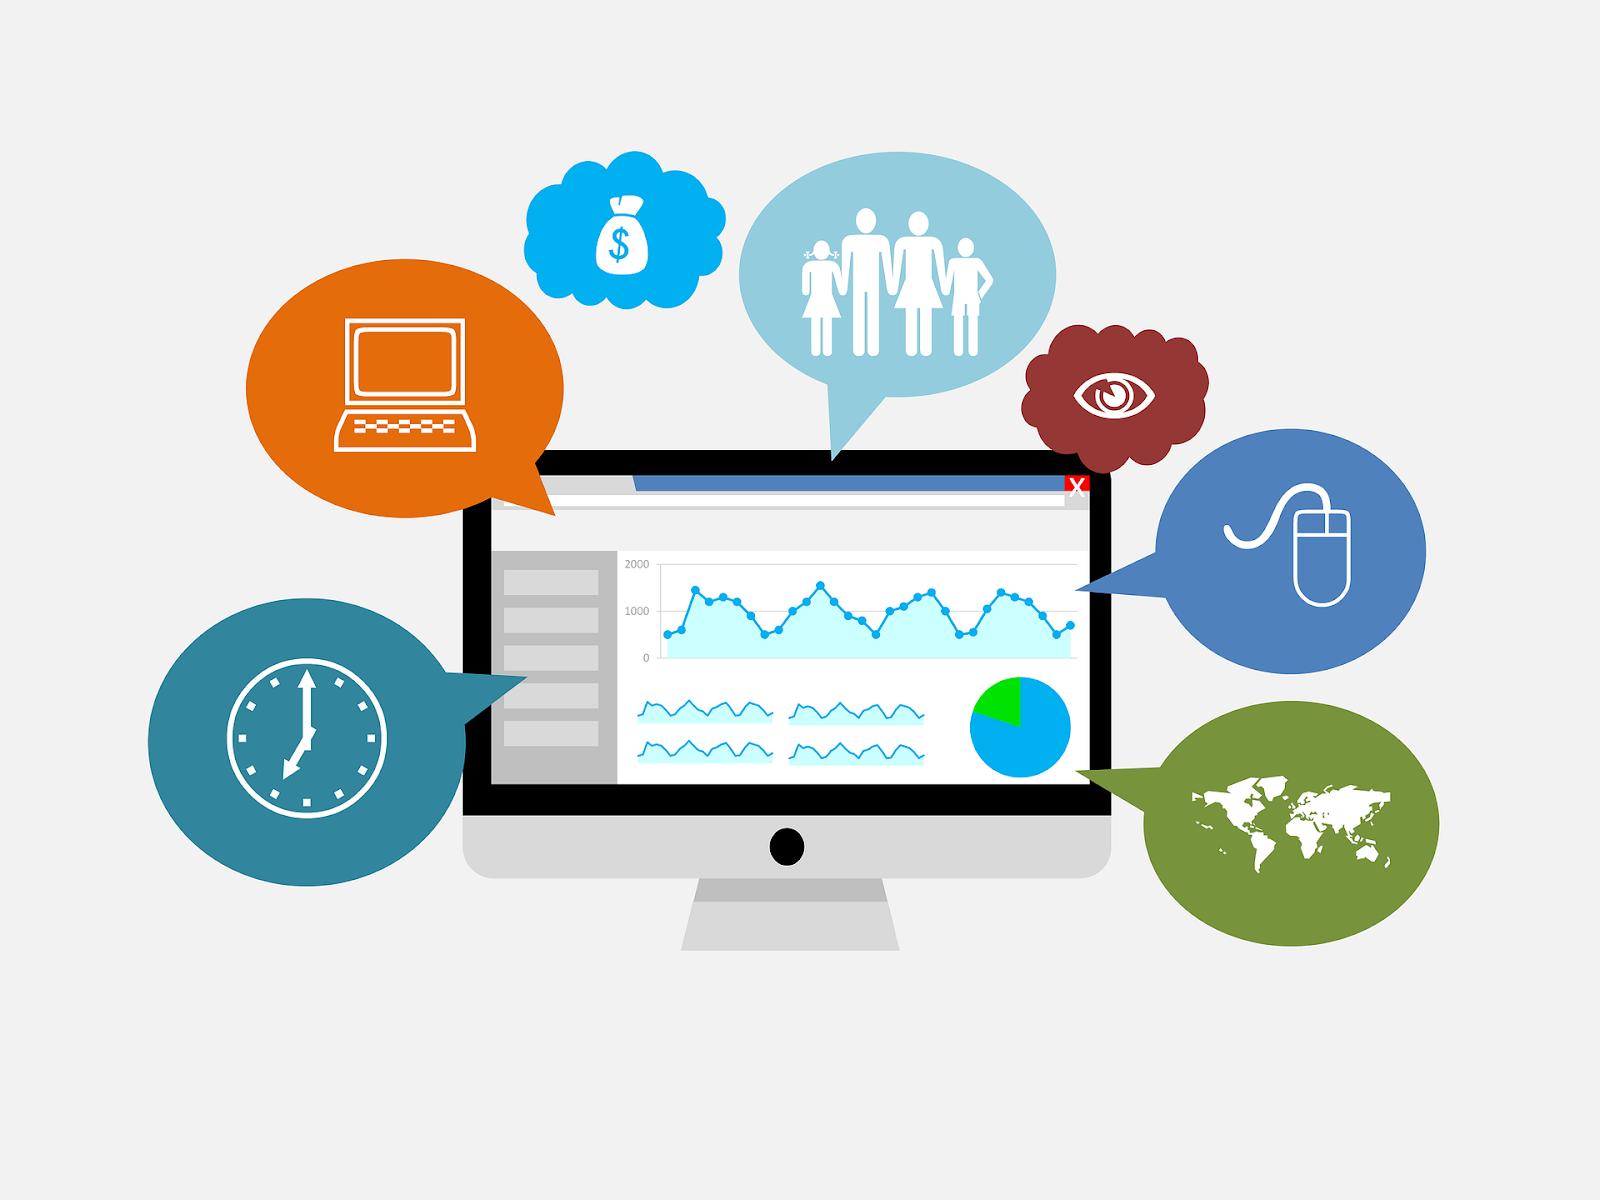 Les avis clients qui s'affichent dans les résultats de Google permettent d'améliorer son référencement SEO